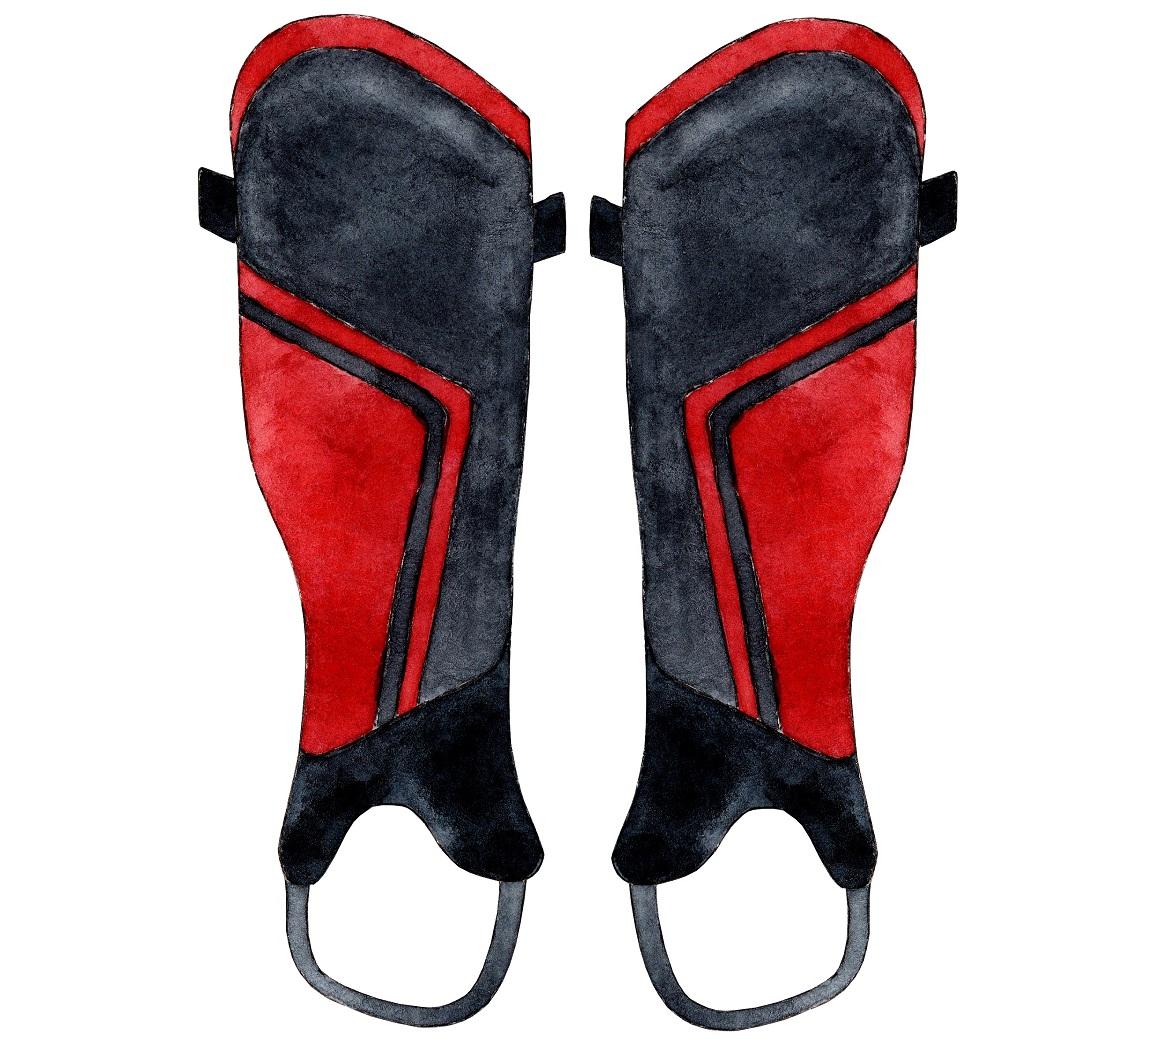 Rood-zwarte scheenbeschermers met een enkelsok